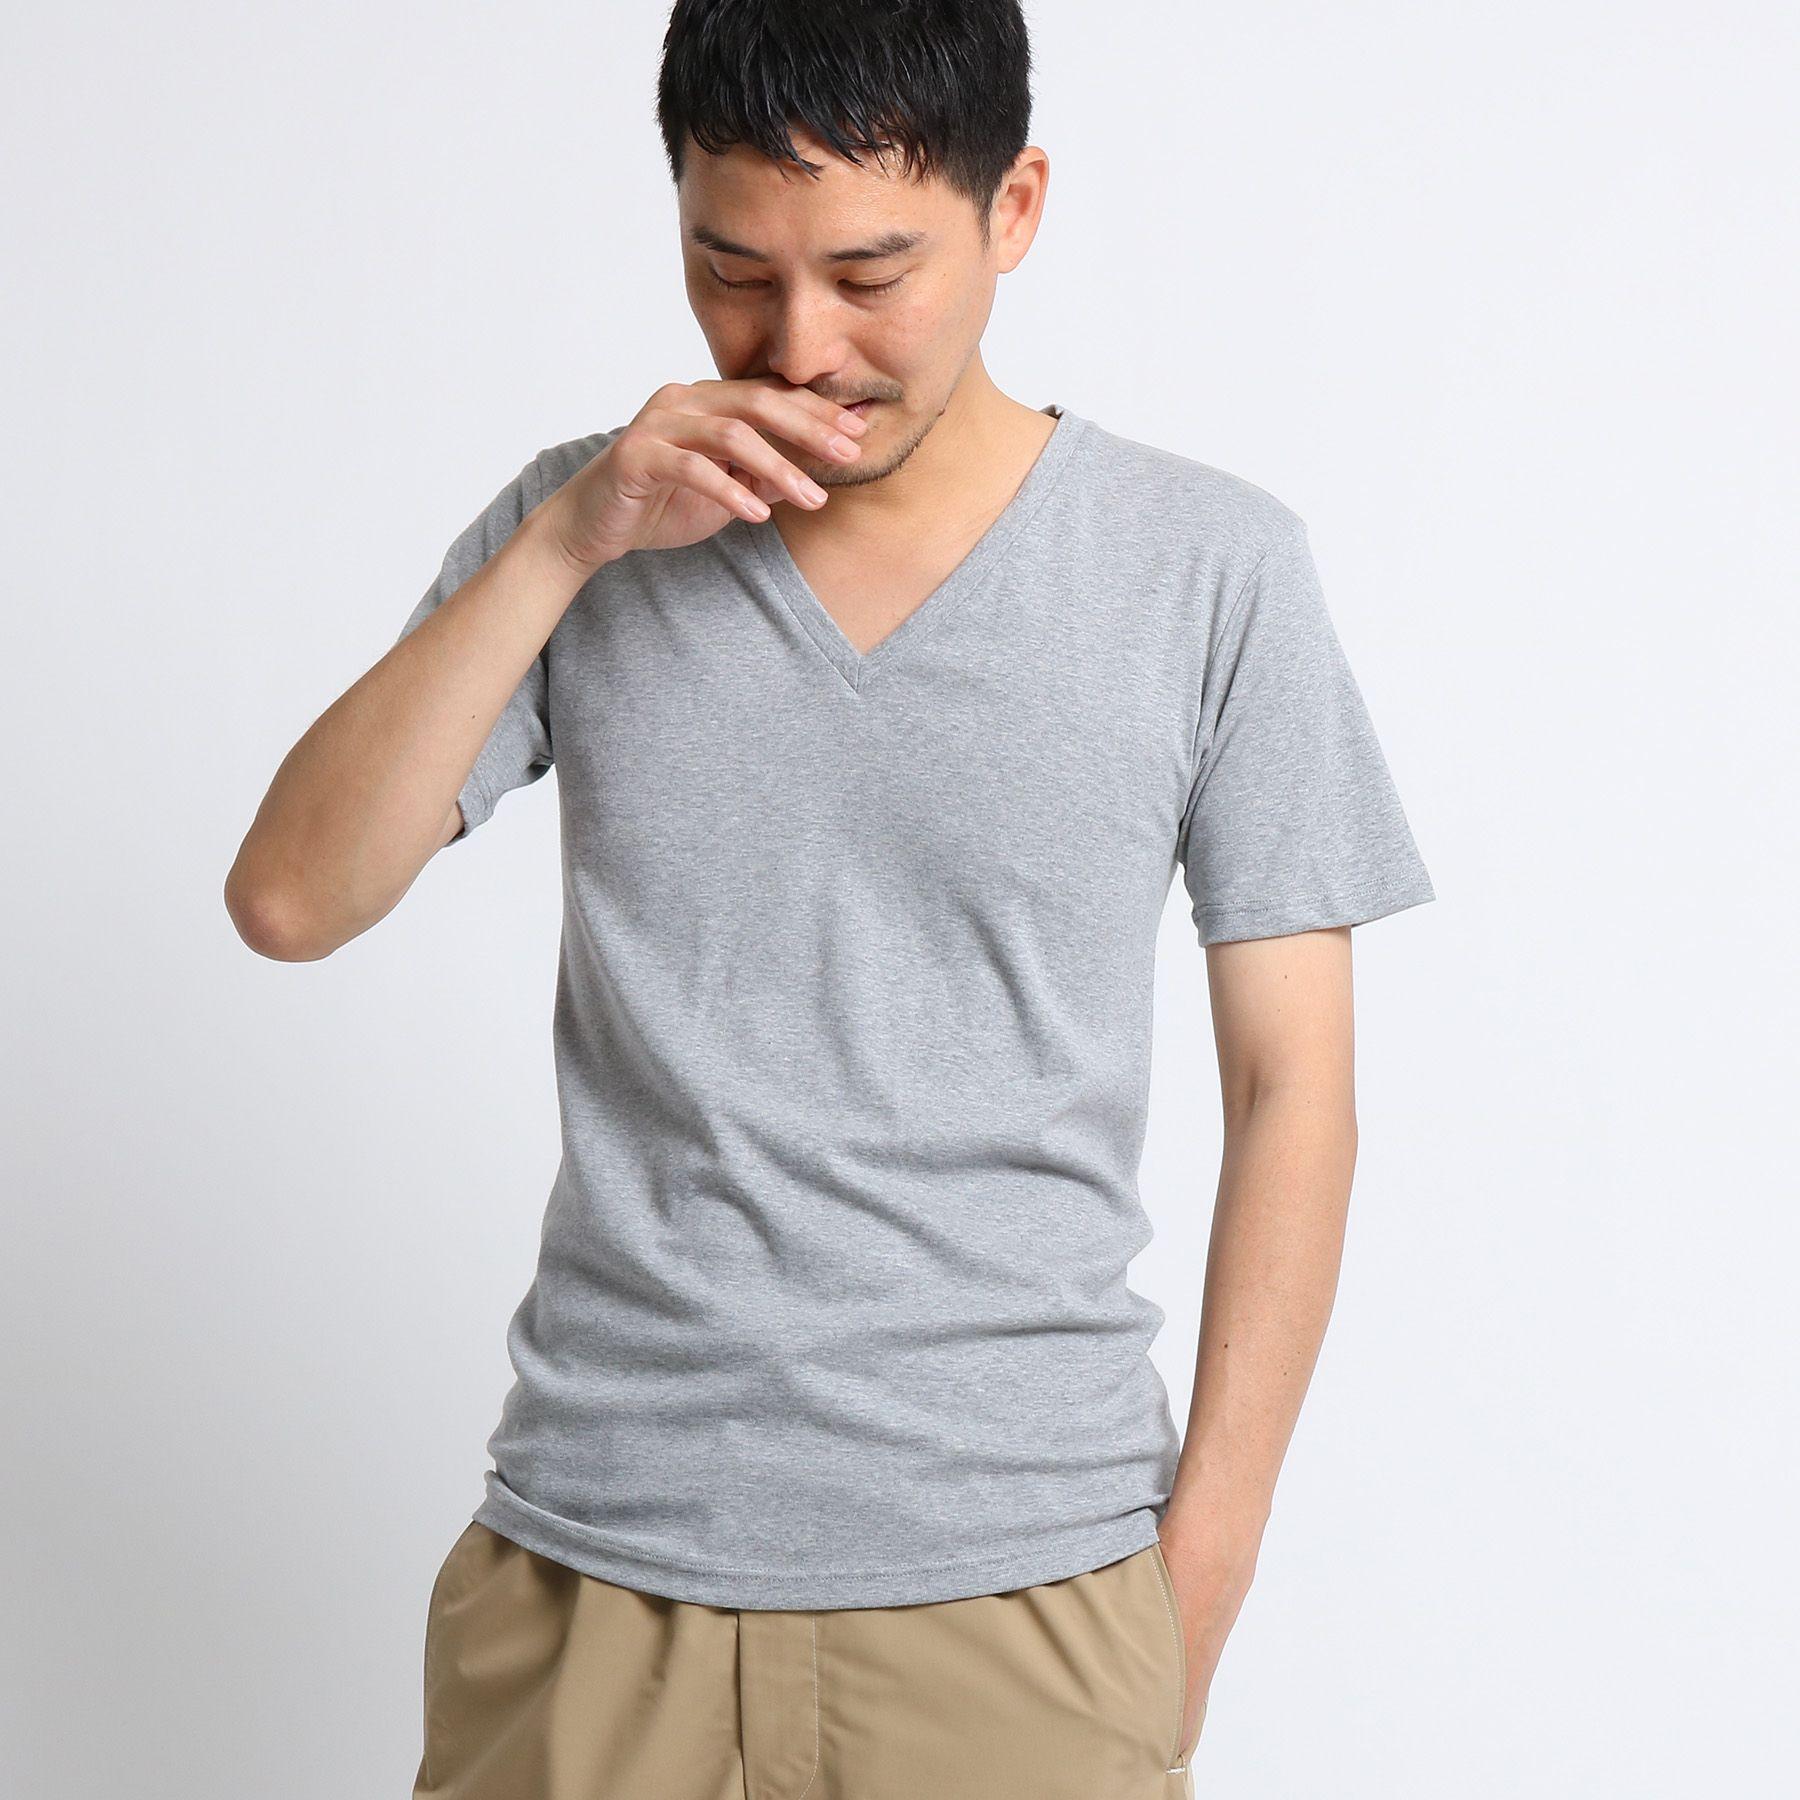 【 日本製 】 インナーVネックTシャツ [ メンズ トップス Tシャツ インナー Vネック ]